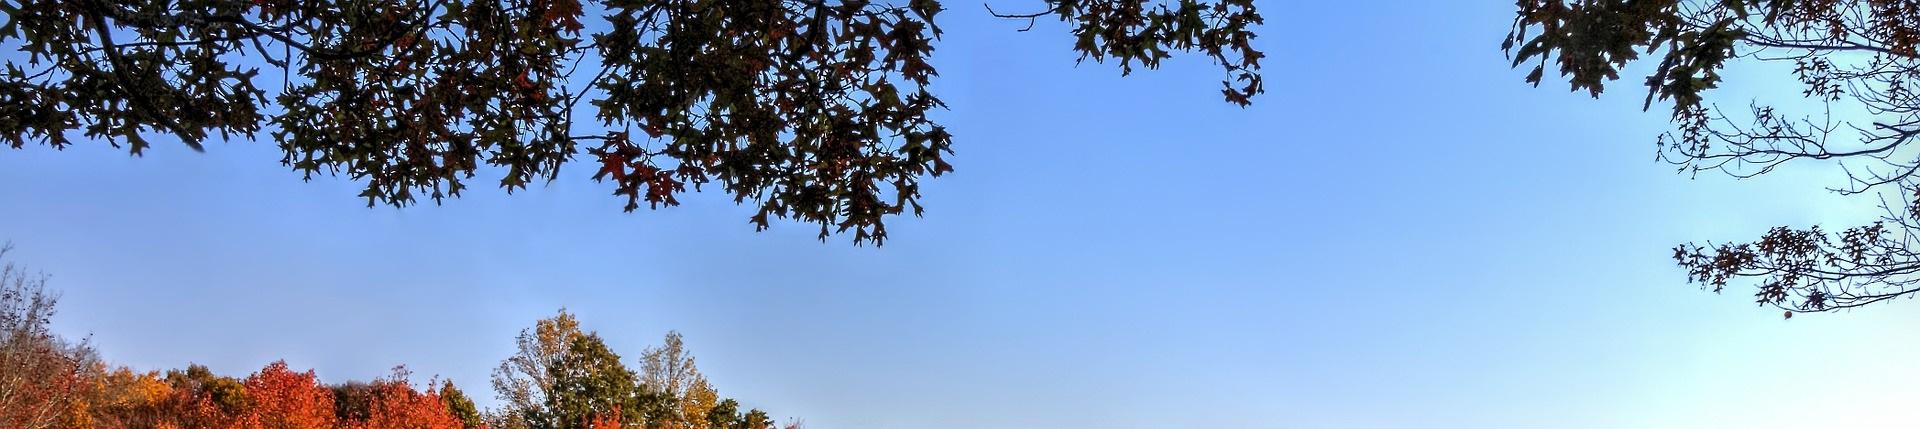 Blå bakgrundsbild, höstträd.